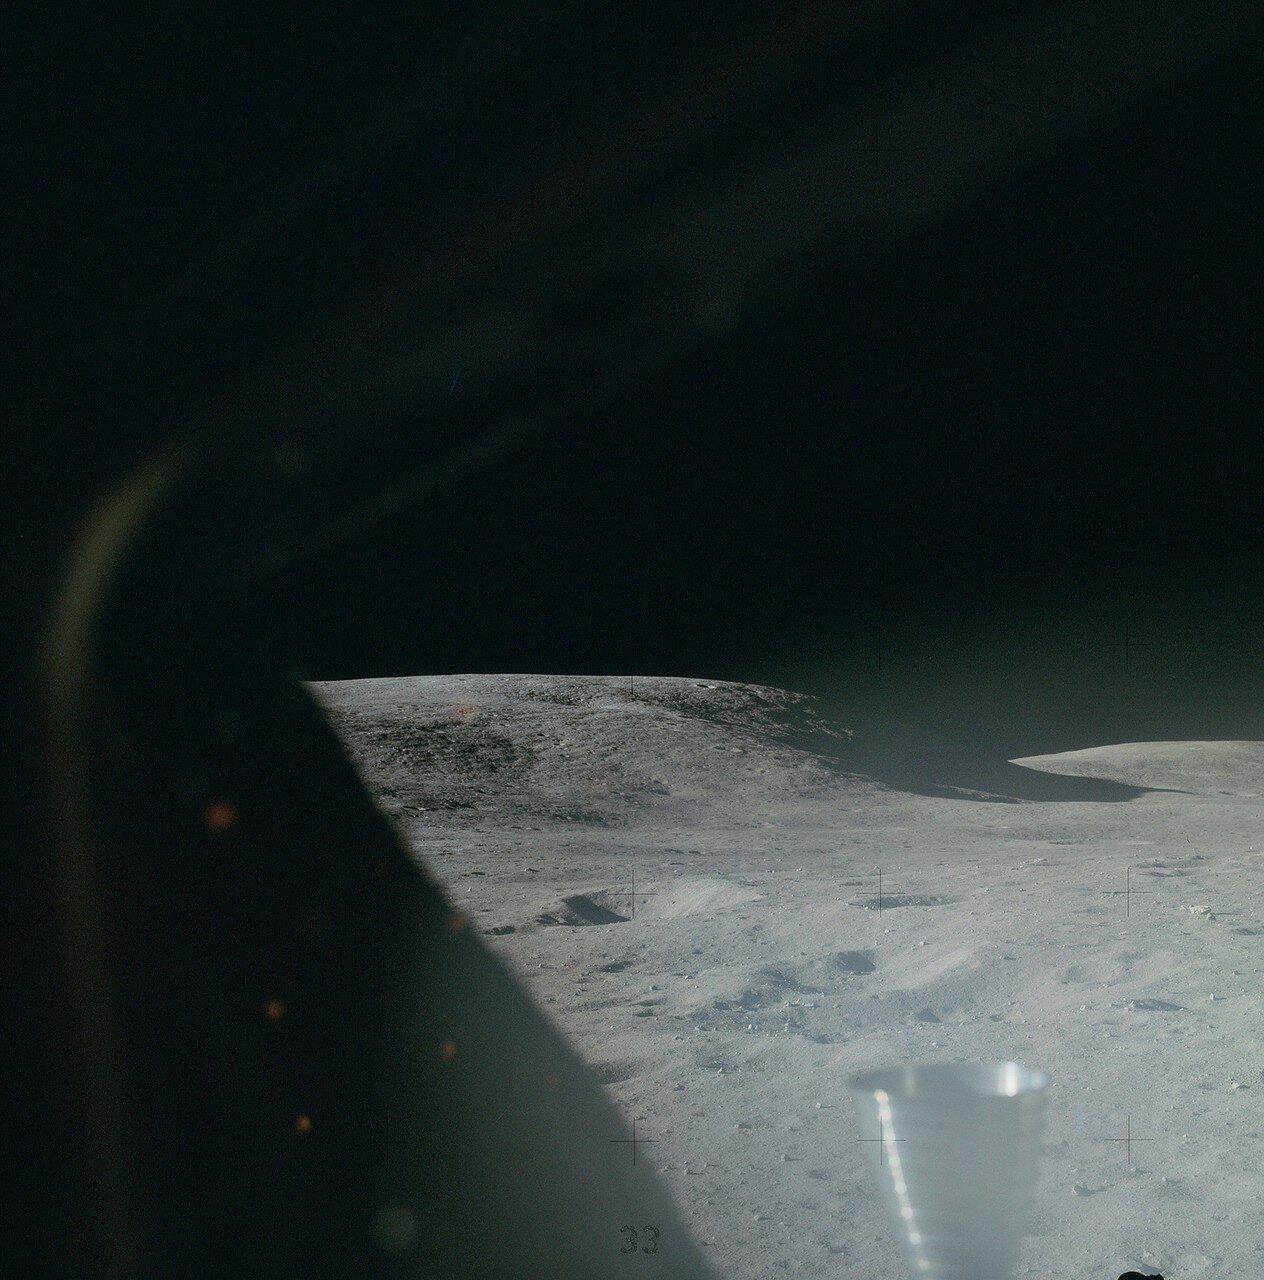 На шестой день миссии после завтрака Янг и Дьюк начали подготовку к первому выходу на поверхность. На снимке: Часть панорамы, снятой из кабины «Ориона» вскоре после посадки. На этом снимке, сделанном через левый иллюминатор, — гора Стоун Маунтин